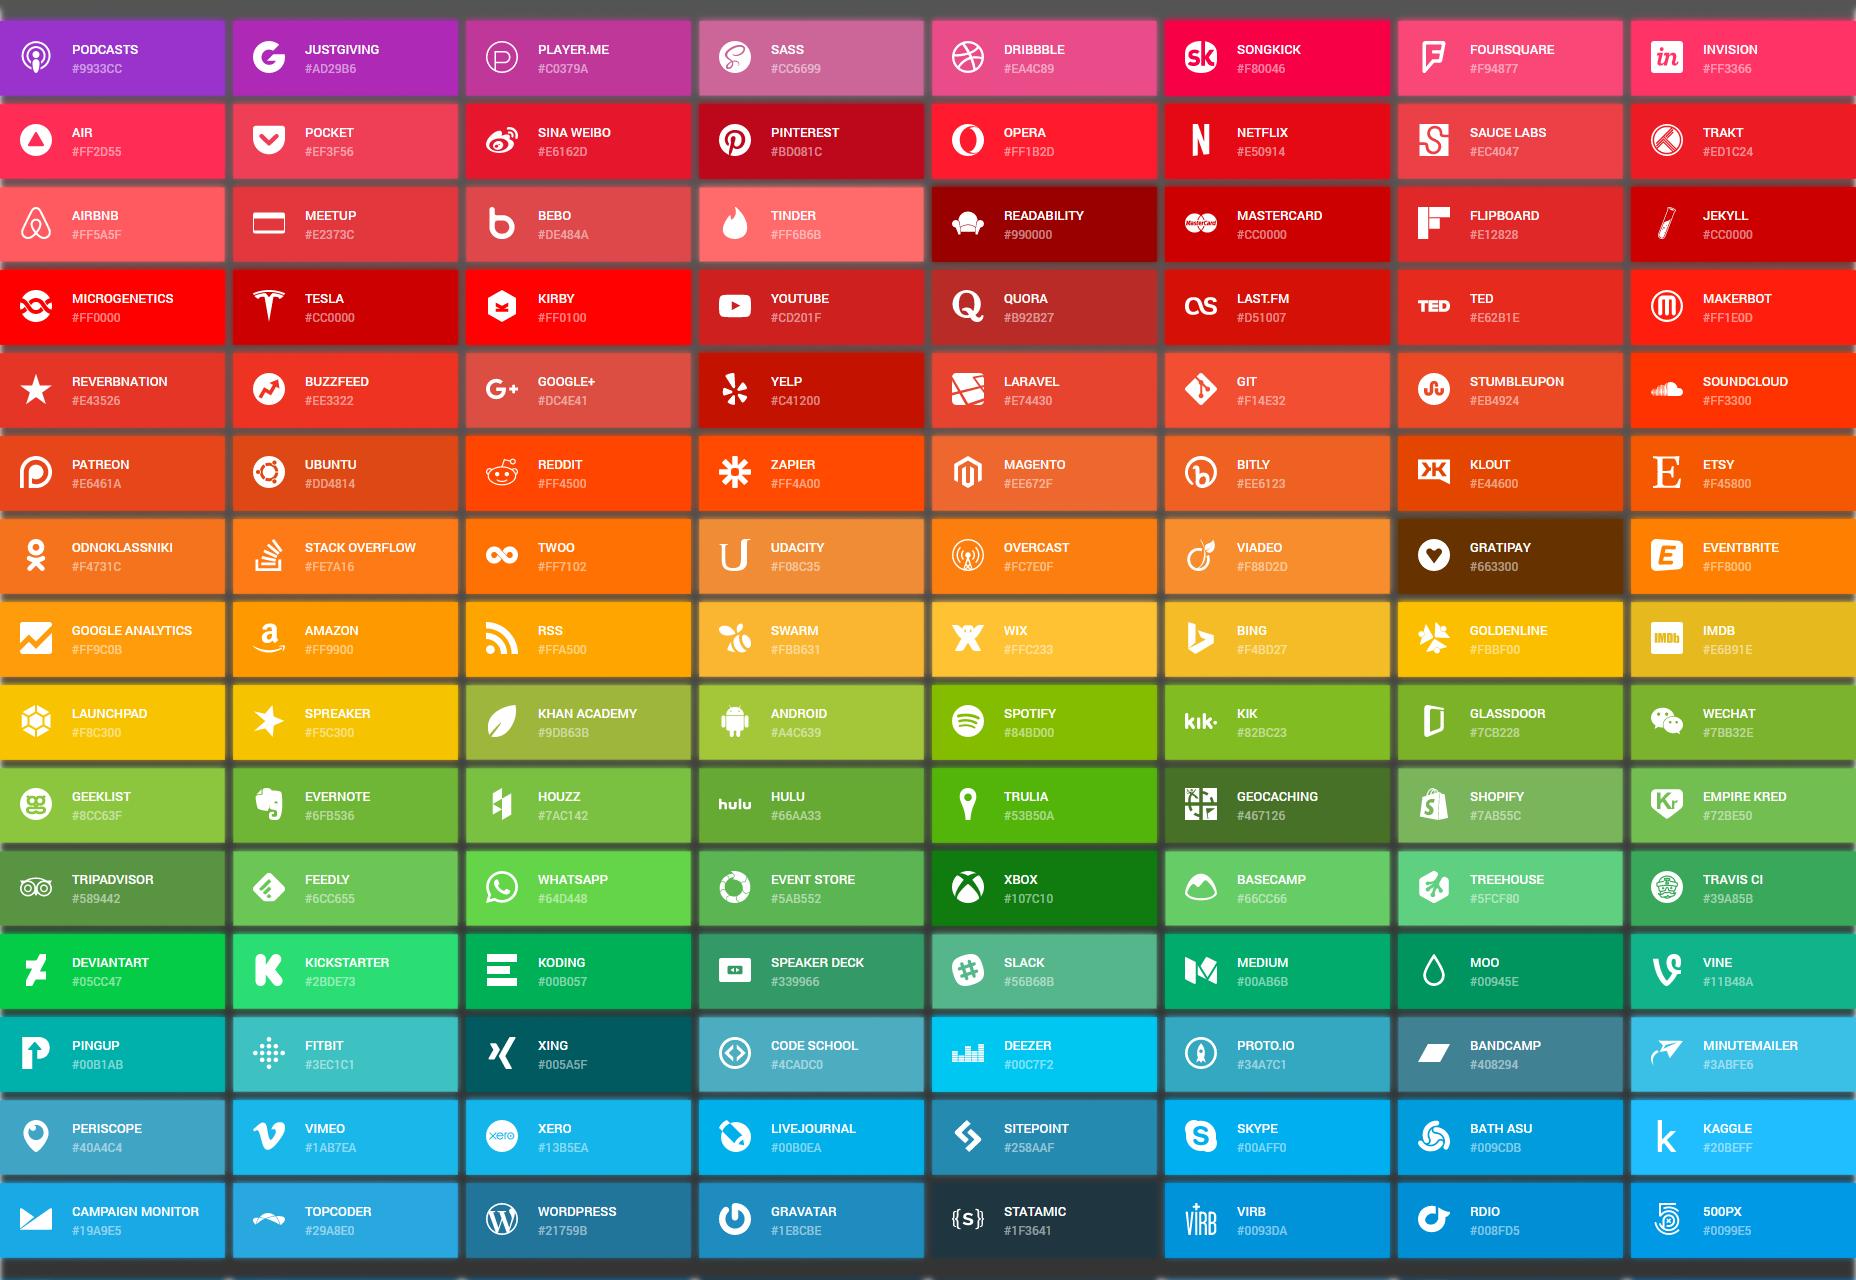 Iconos simples: una colección de iconos SVG y colores respectivos